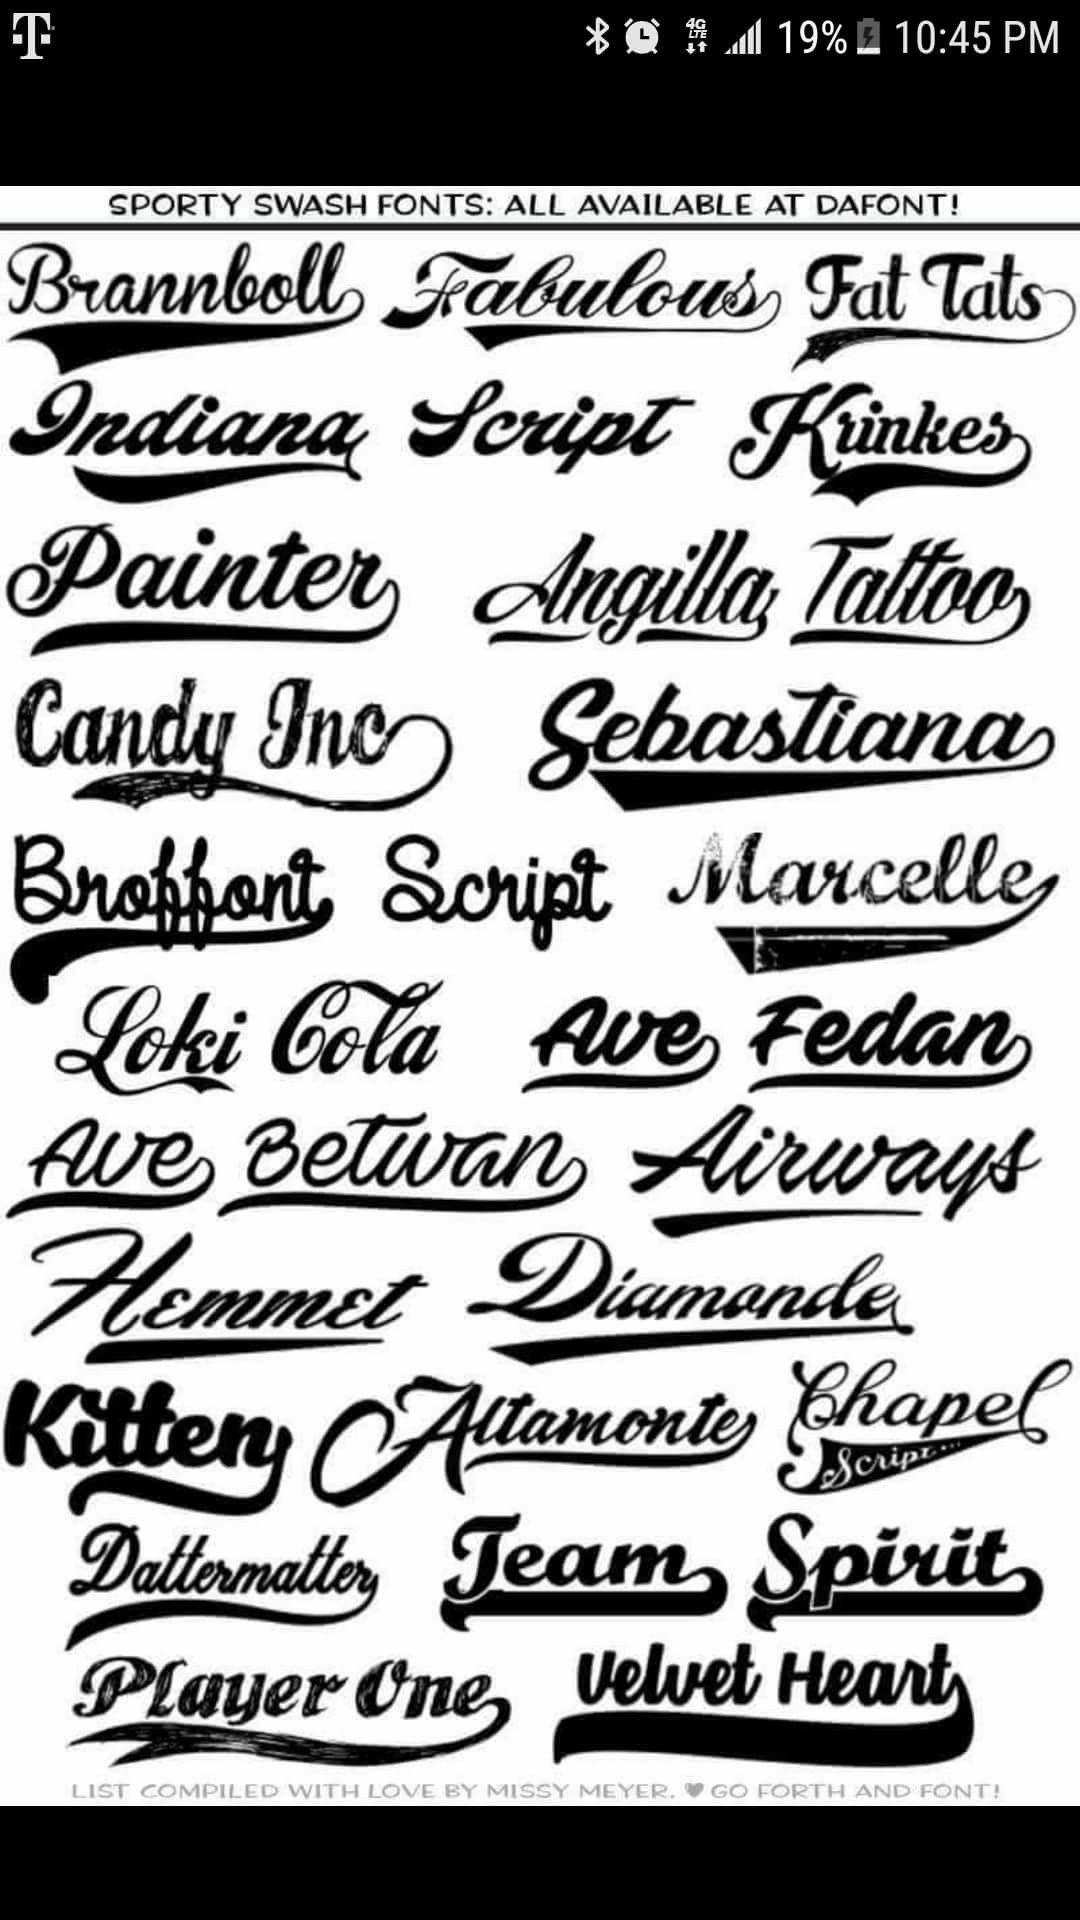 Download Sporty Swash Fonts at DaFont | Cricut | Cricut fonts ...